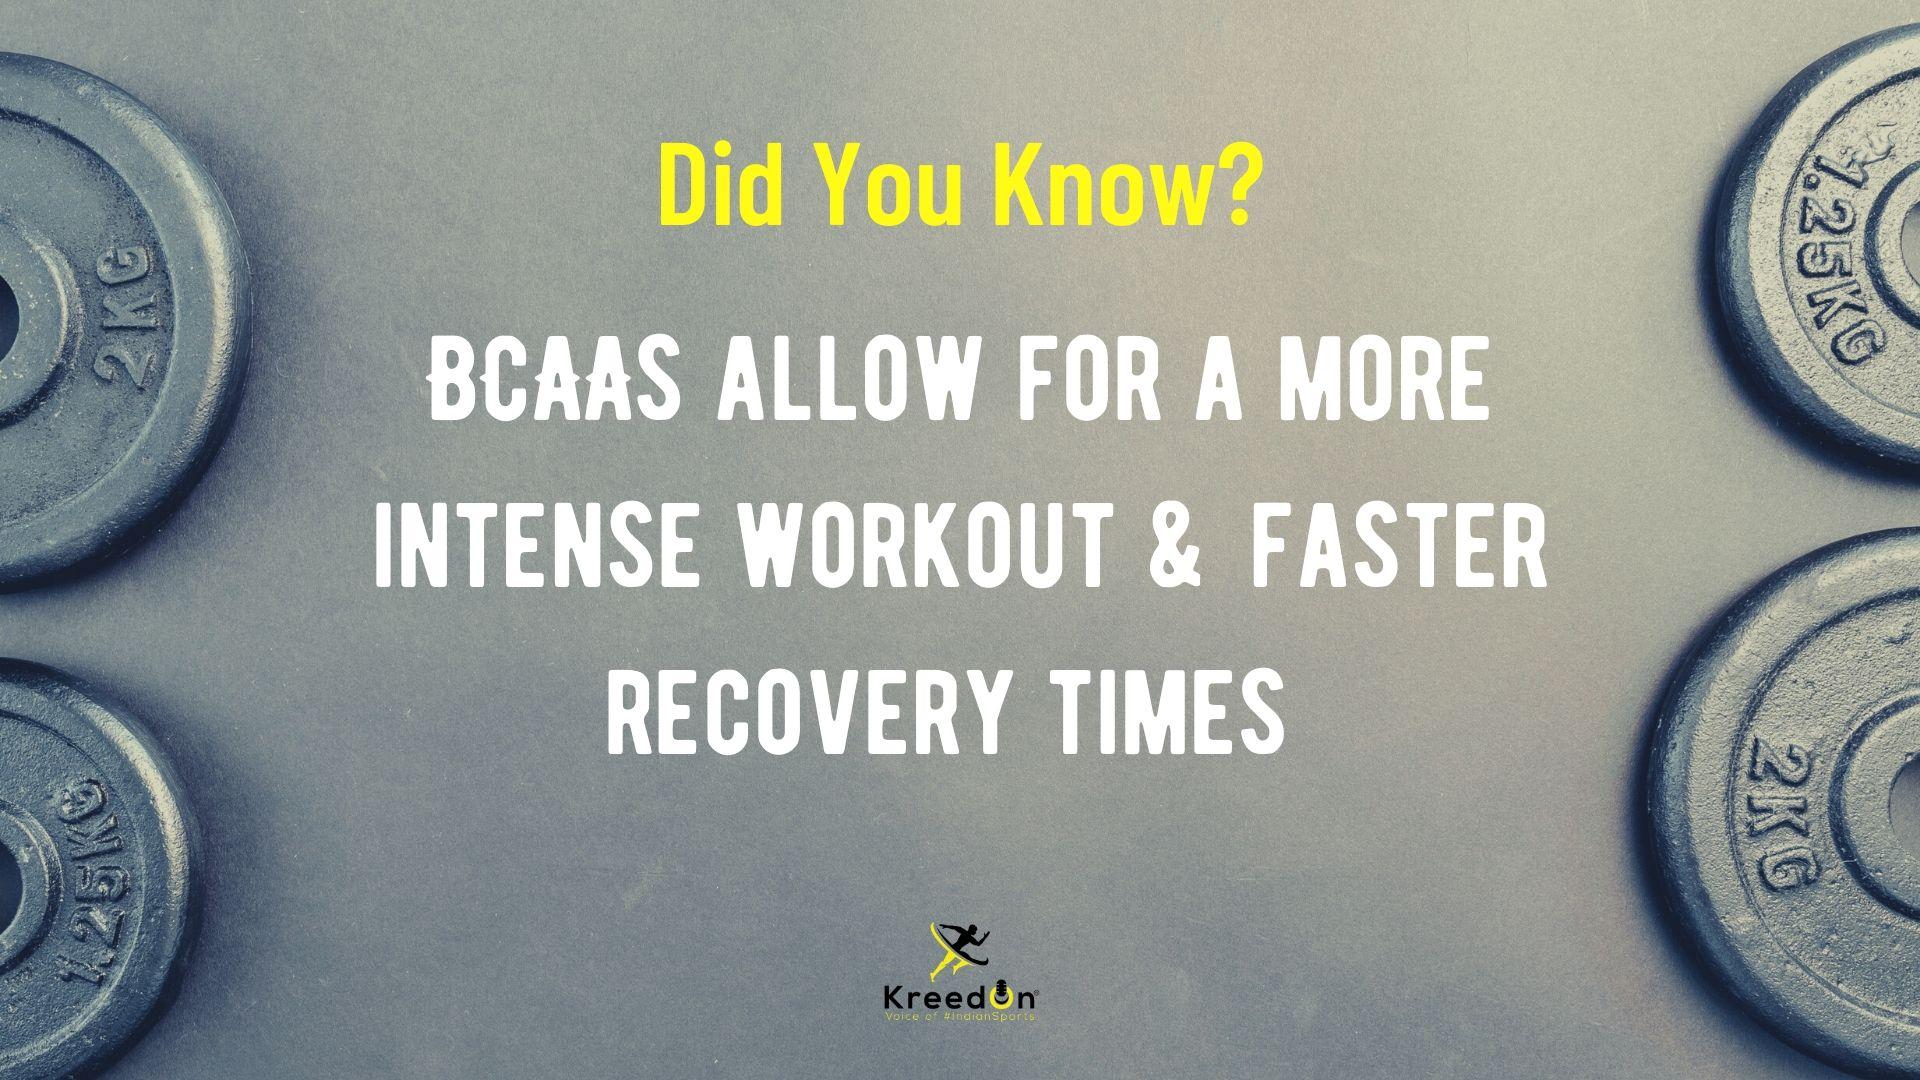 What is BCAA KreedOn